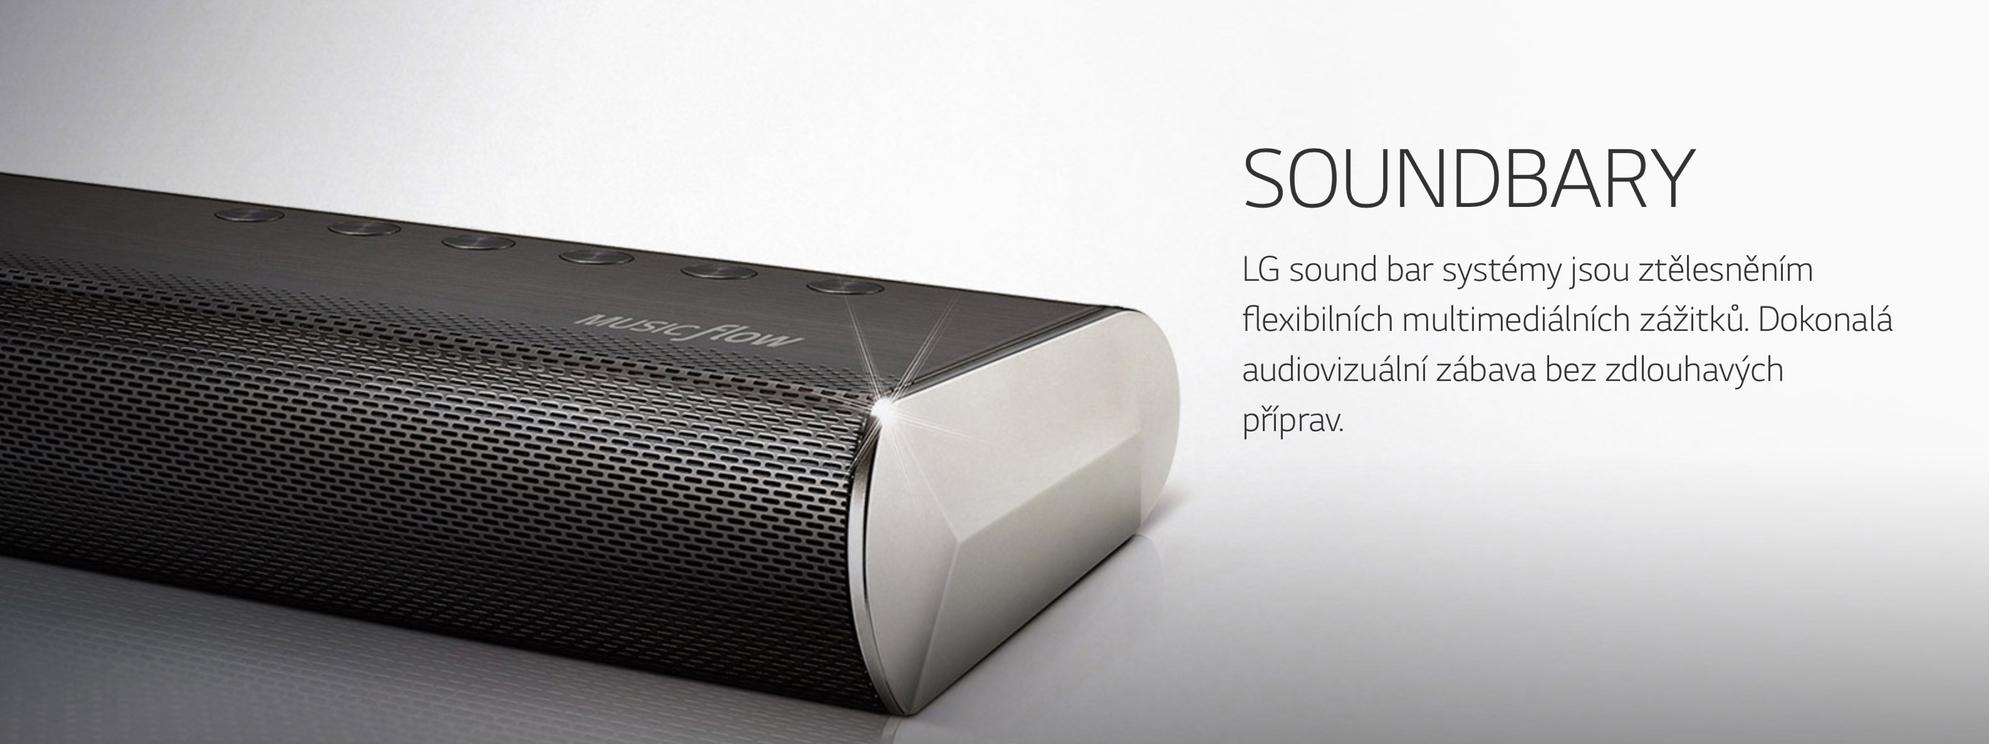 Soundbar do každé rodiny